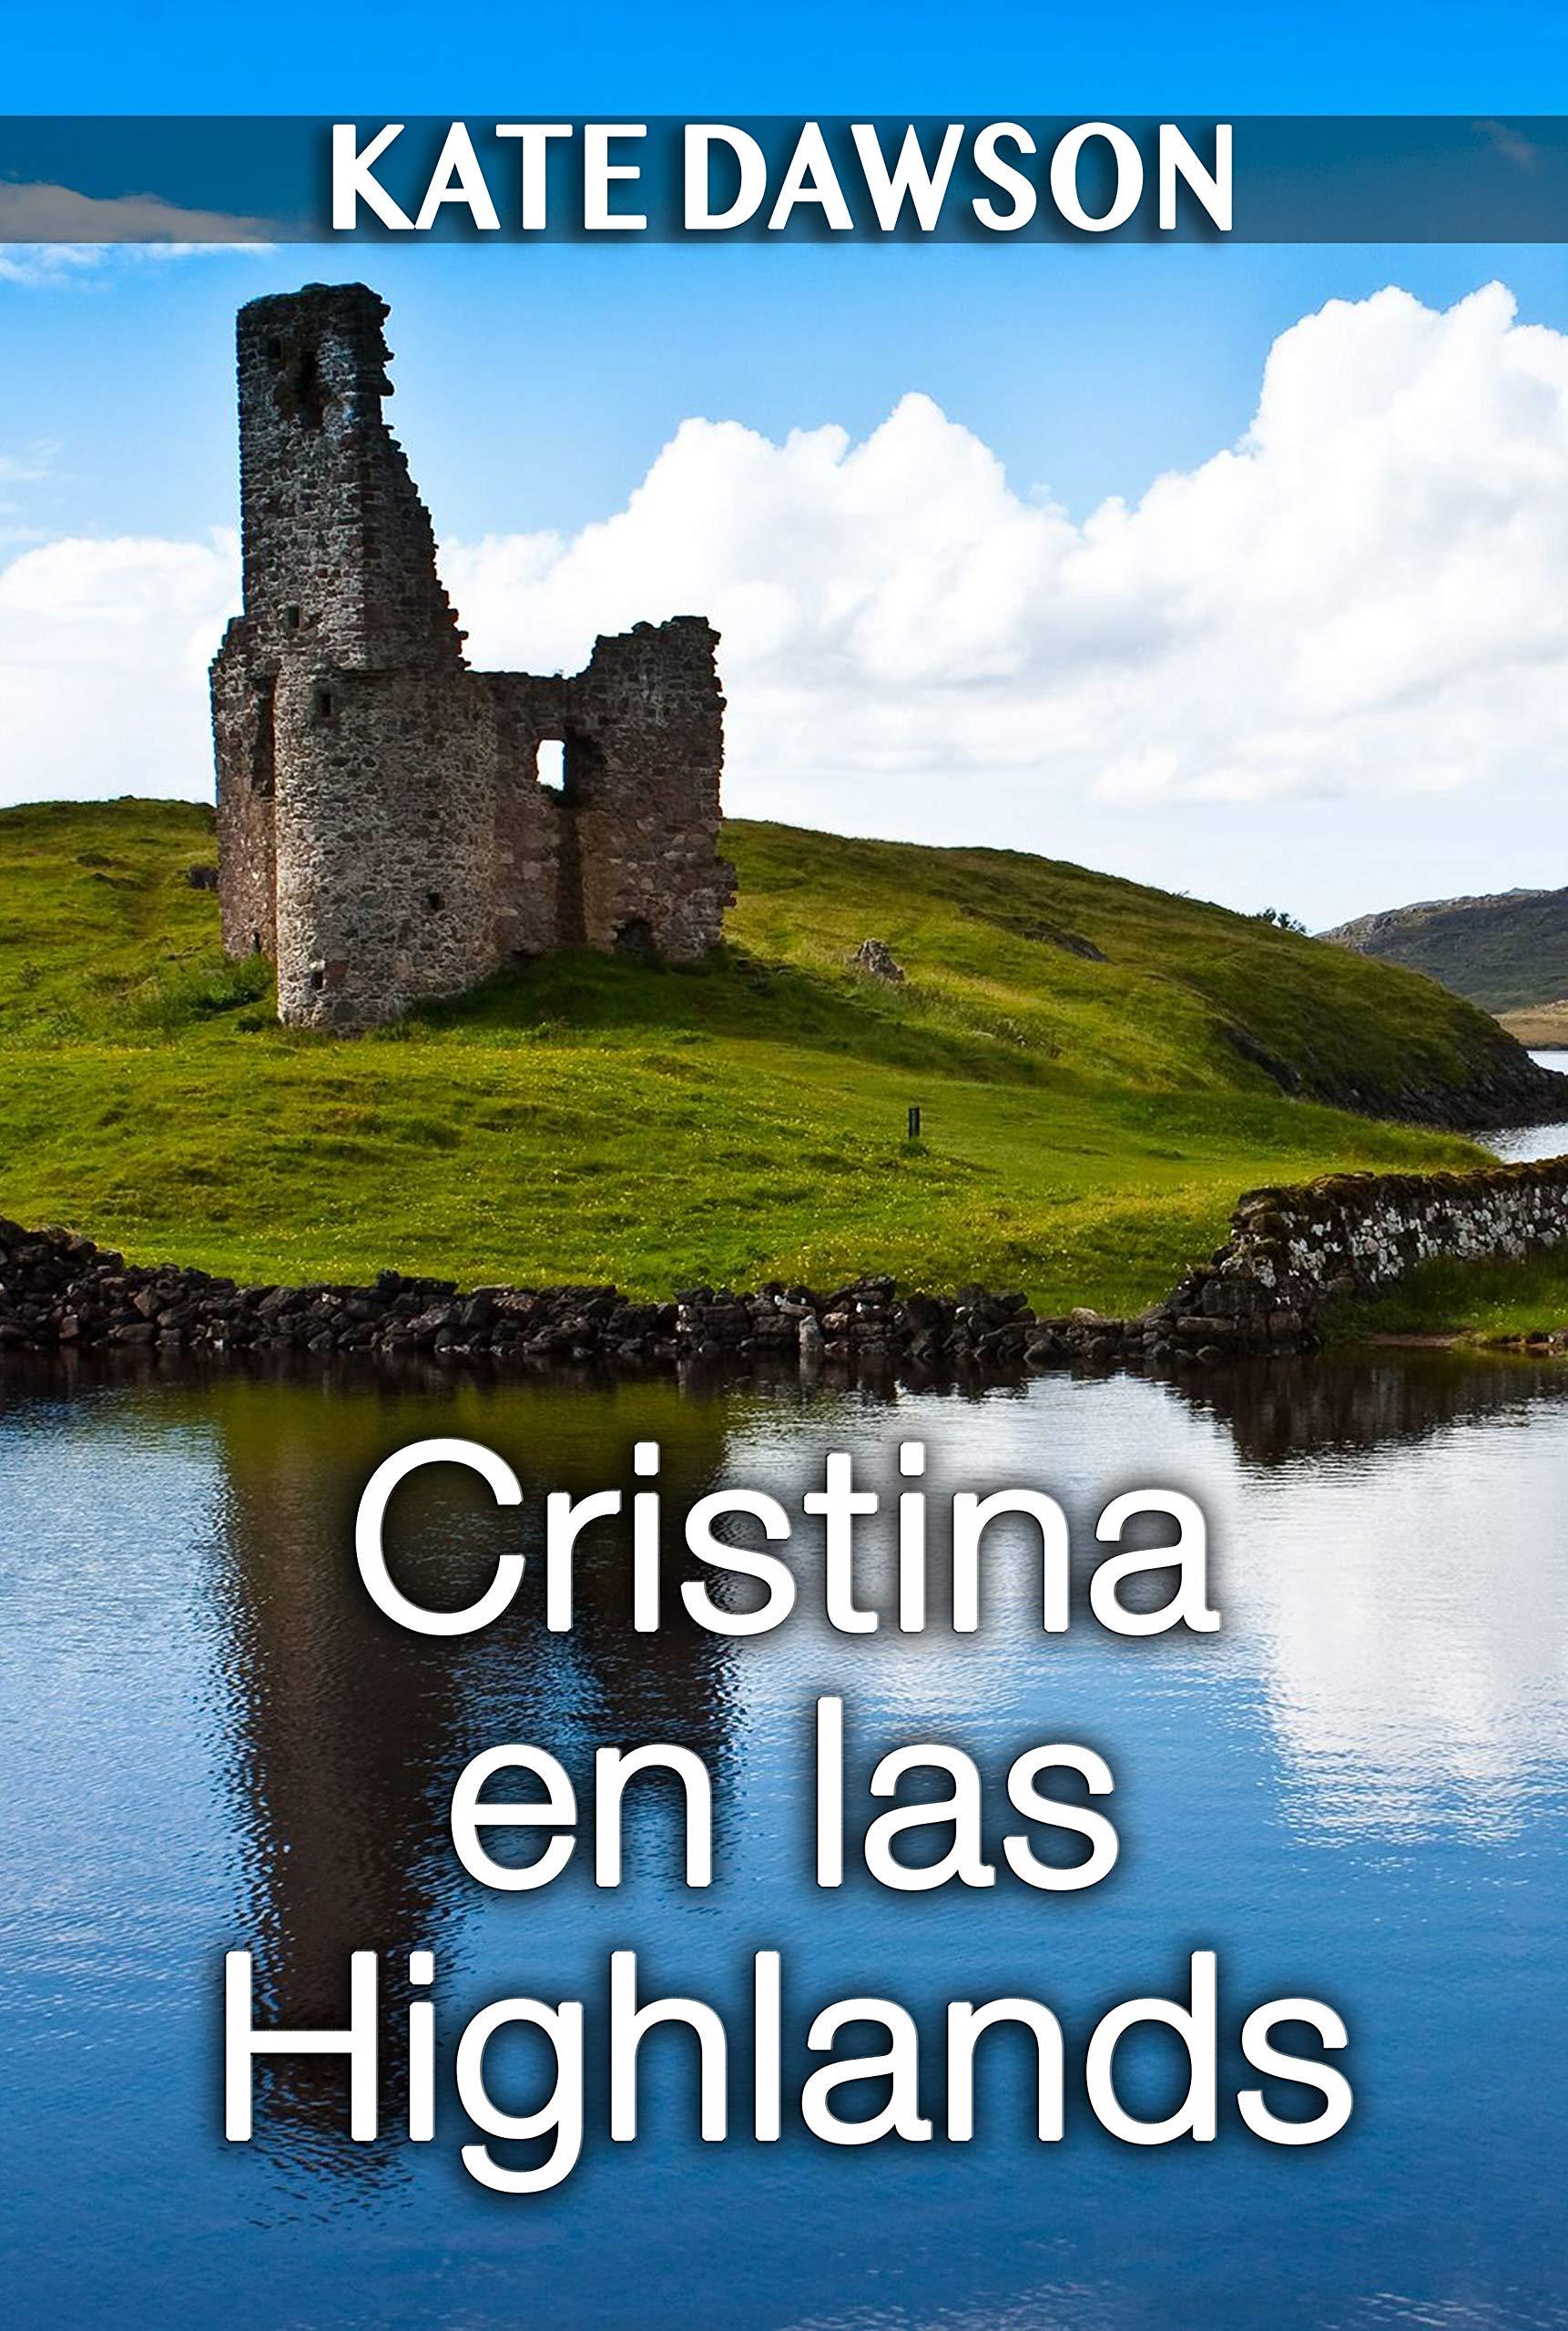 Cristina en las Highlands (Julia y amigas nº 3) por Kate Dawson